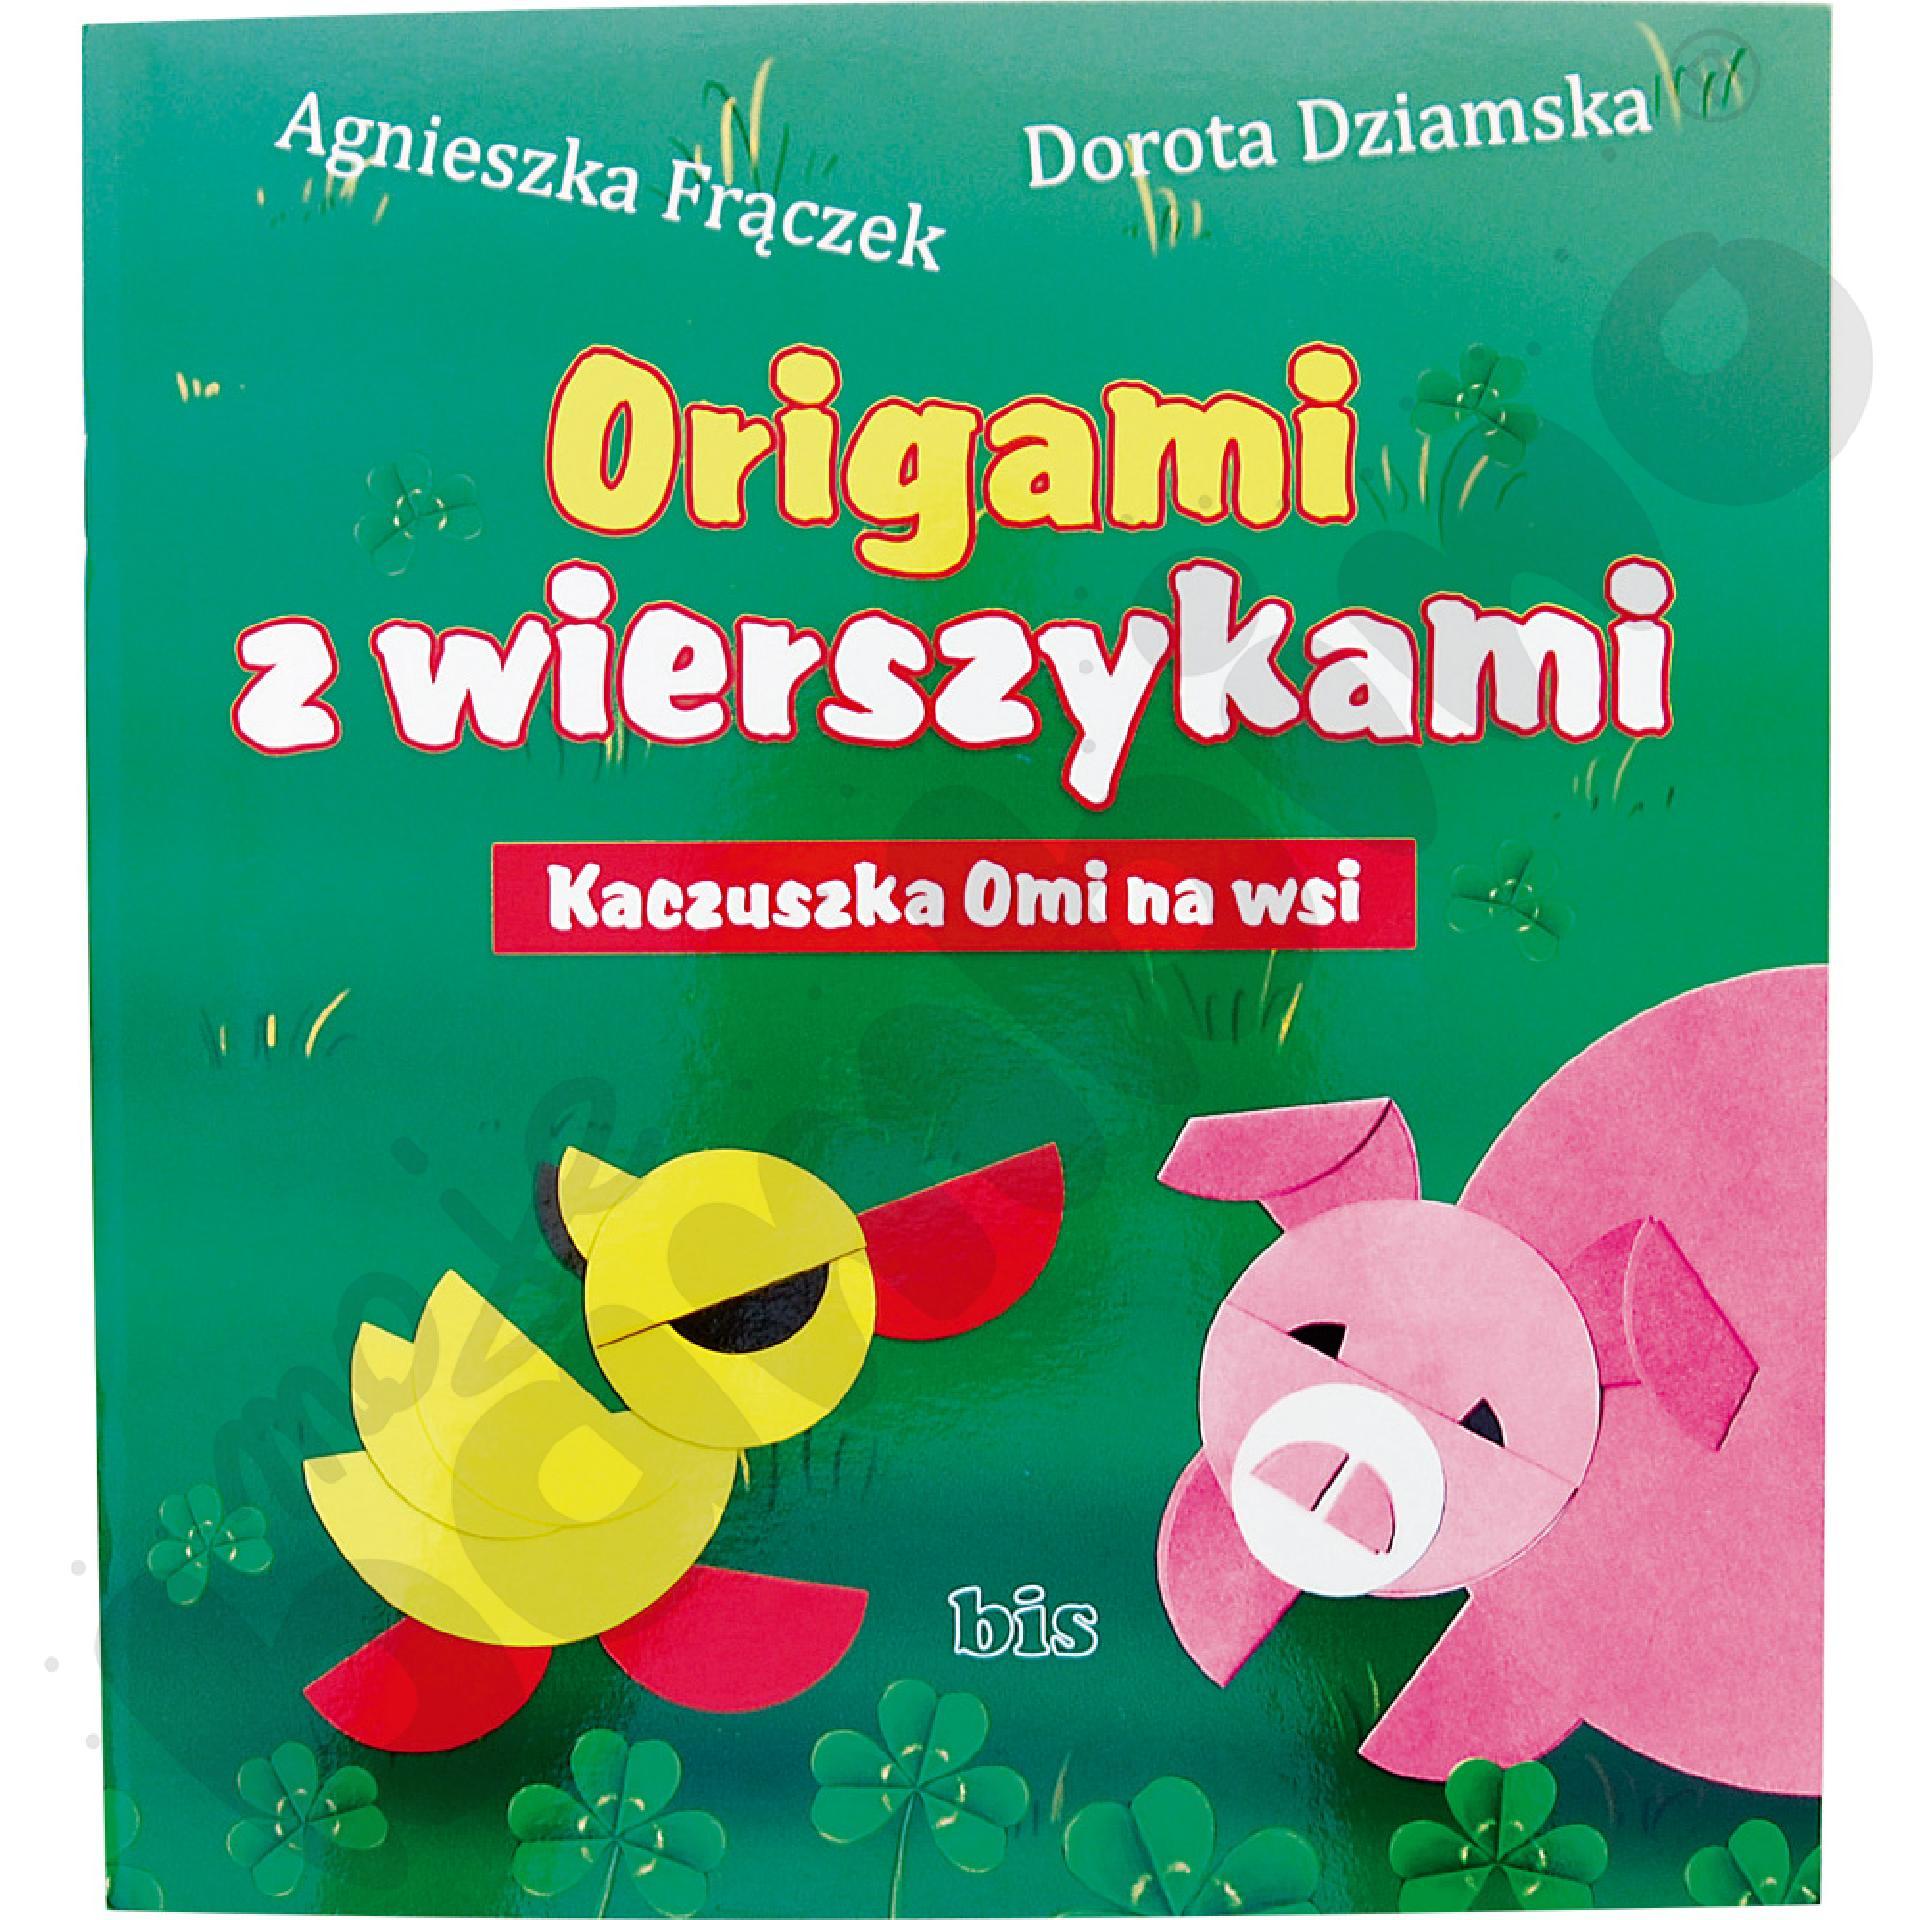 Origami z wierszykami - Kaczuszka Omi na Wsi